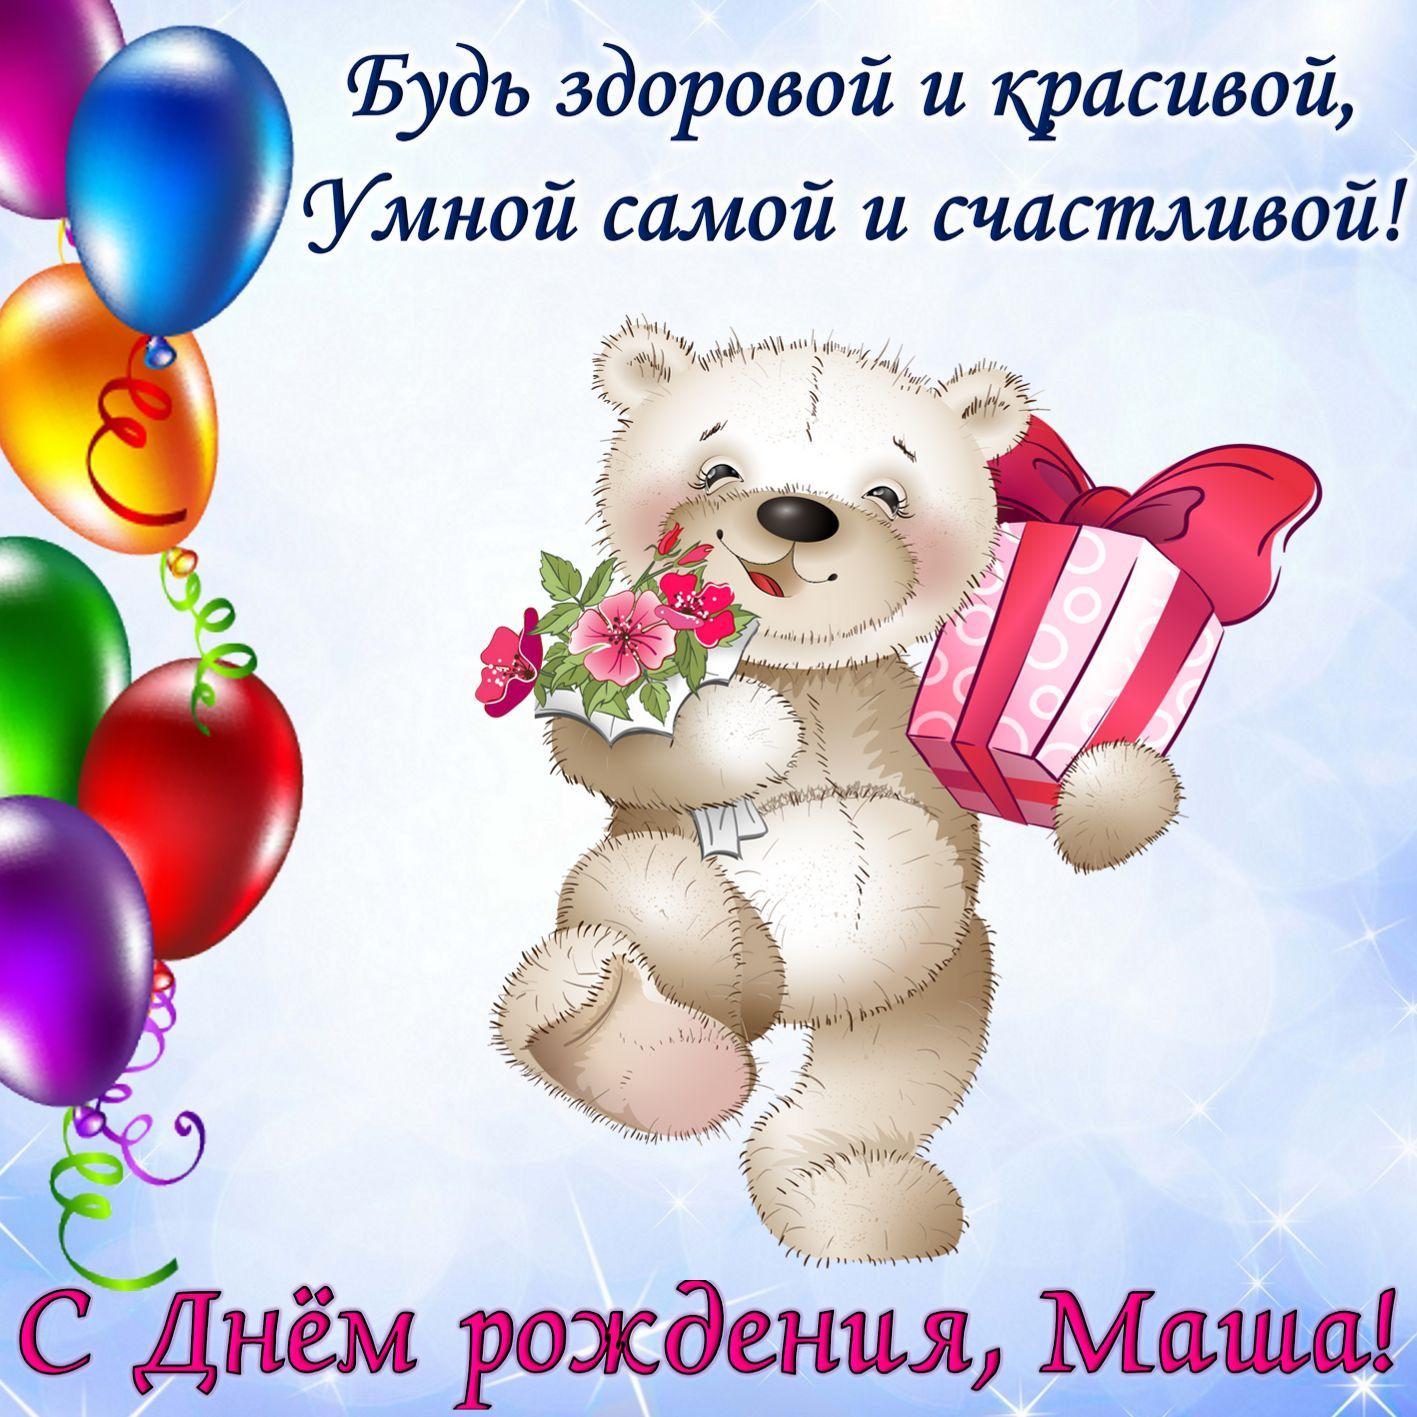 Шуточные поздравления по имени с днем рождения